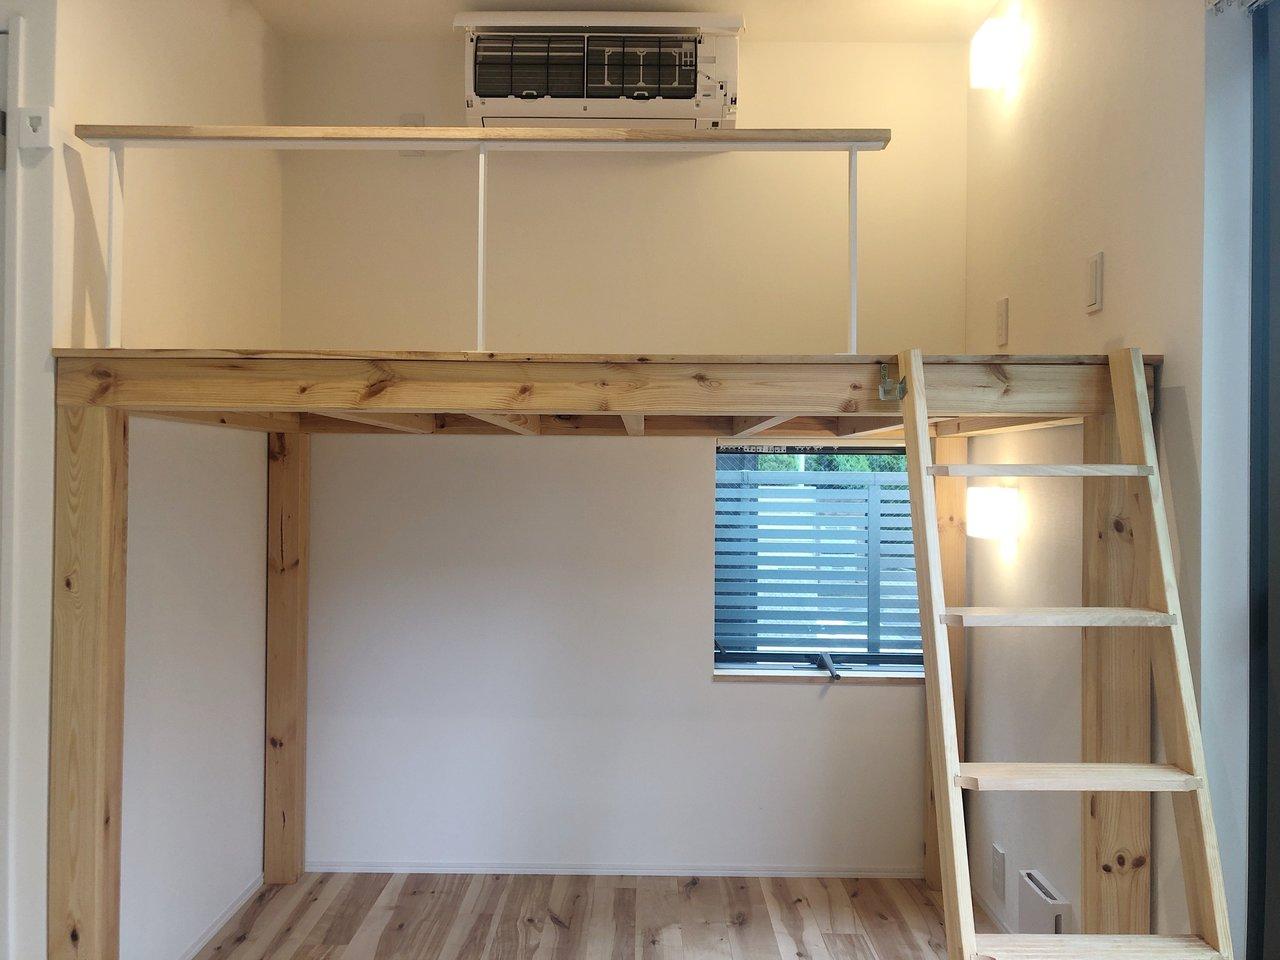 間取りはワンルーム。でもロフトのあるお部屋。17㎡と少し小さめだけれど、ロフトをうまくつかいこなせたら、専有面積以上の生活ができそう。上はベッドとして。下は収納や読書スペースに?夢は広がります。